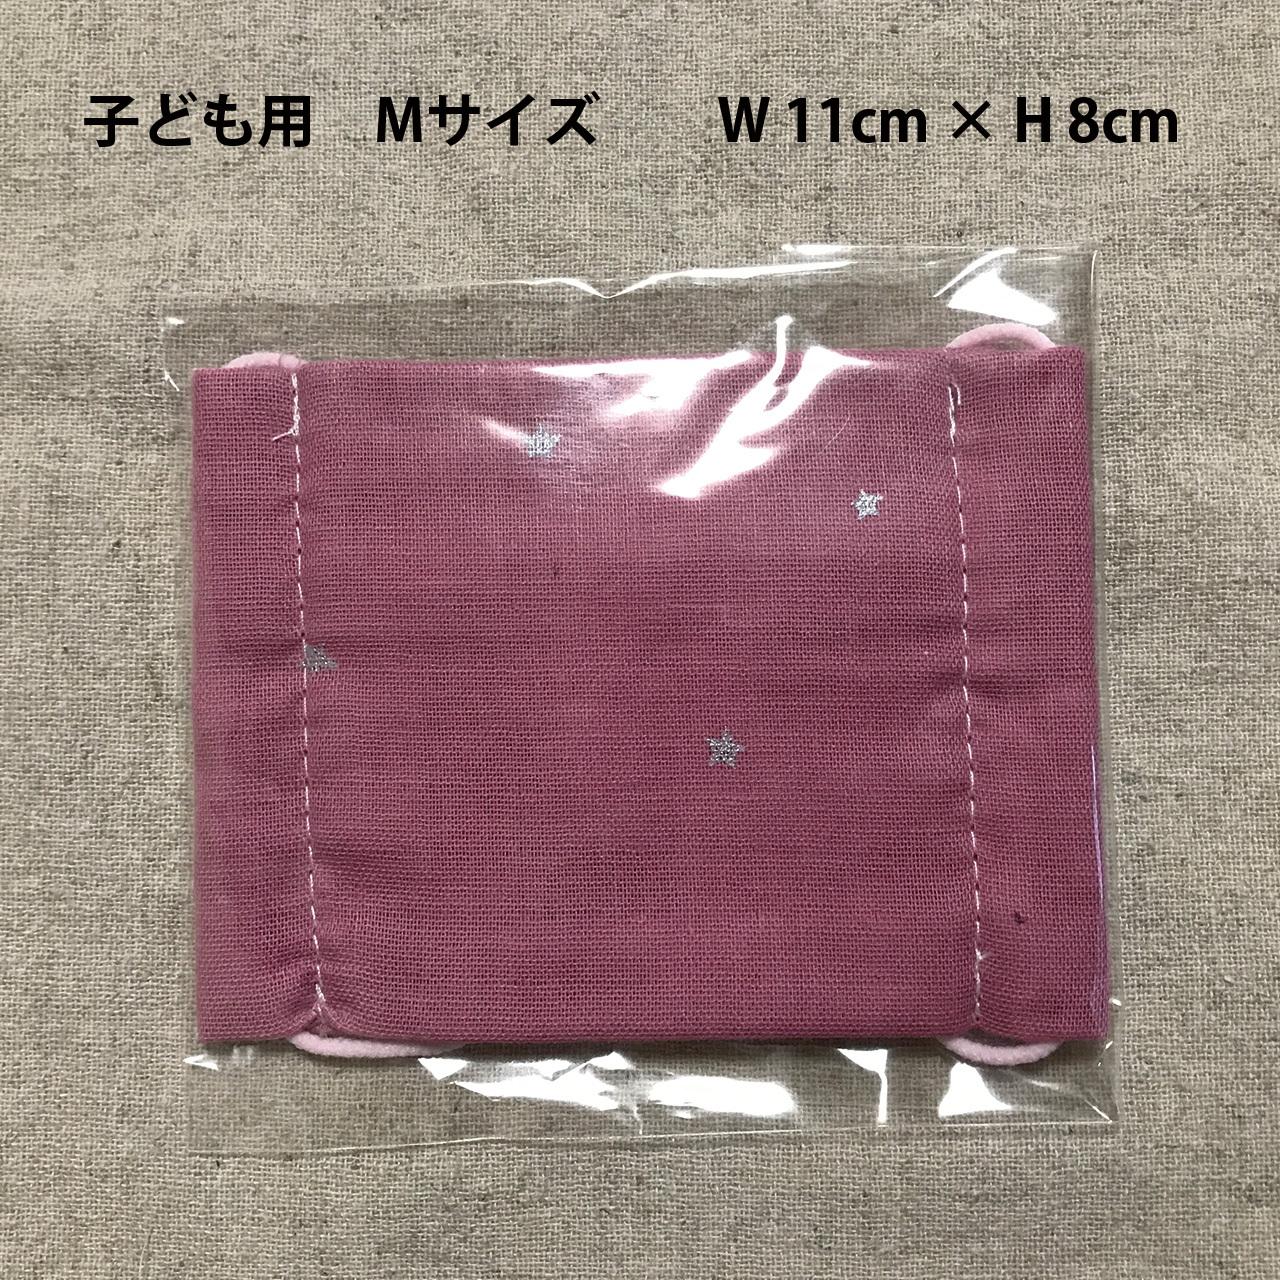 布マスク 子ども用 サイズM ピンク 11cm×8cm 手作り かわいい 子どもサイズ 小学生 低学年 中学年 ウィルス対策